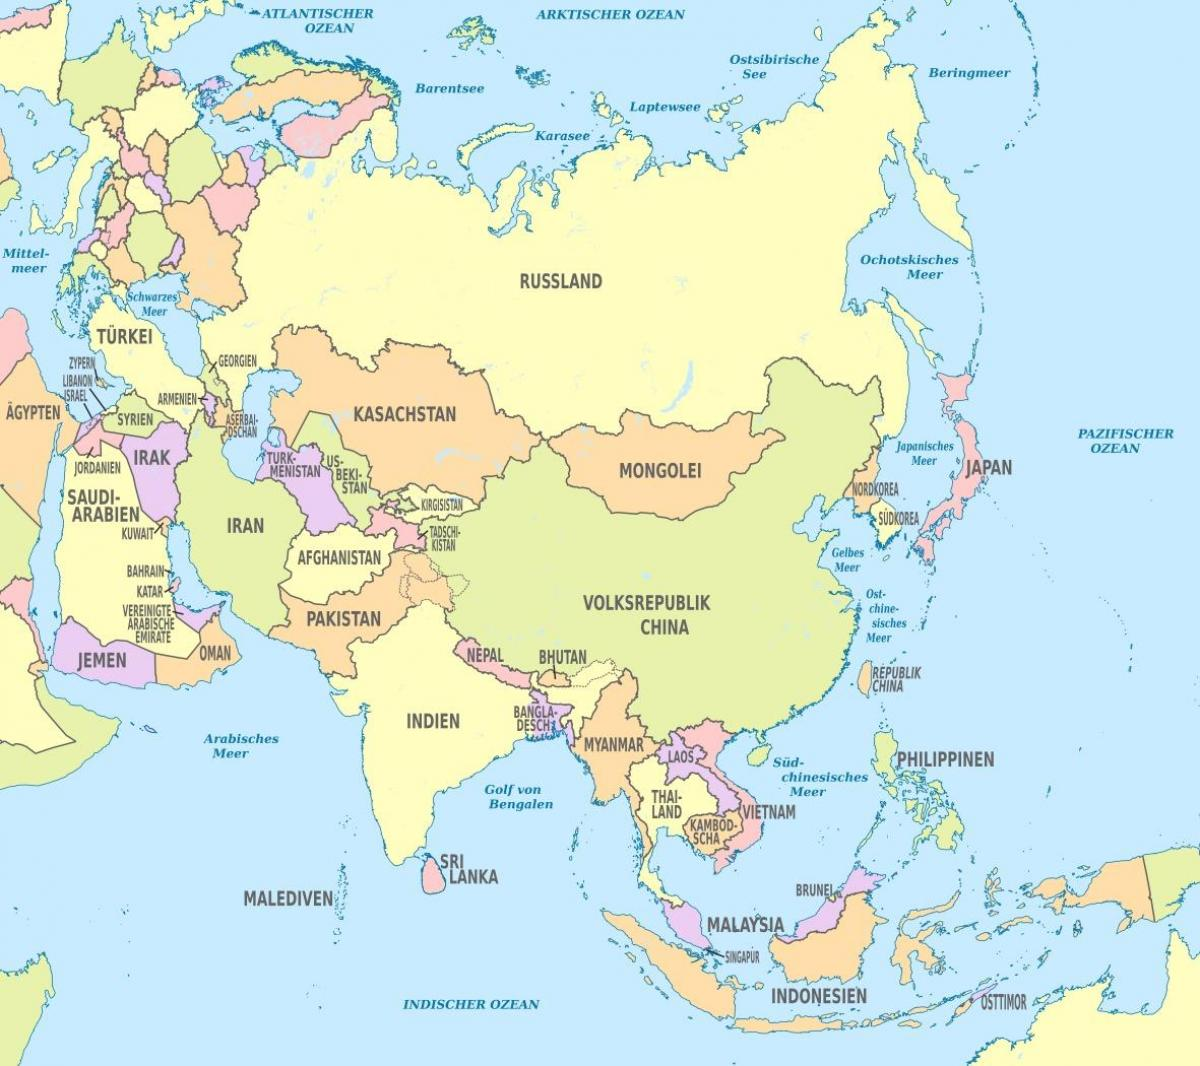 Bahrain Asien Map Karte Von Bahrain Asien West Asien Asia